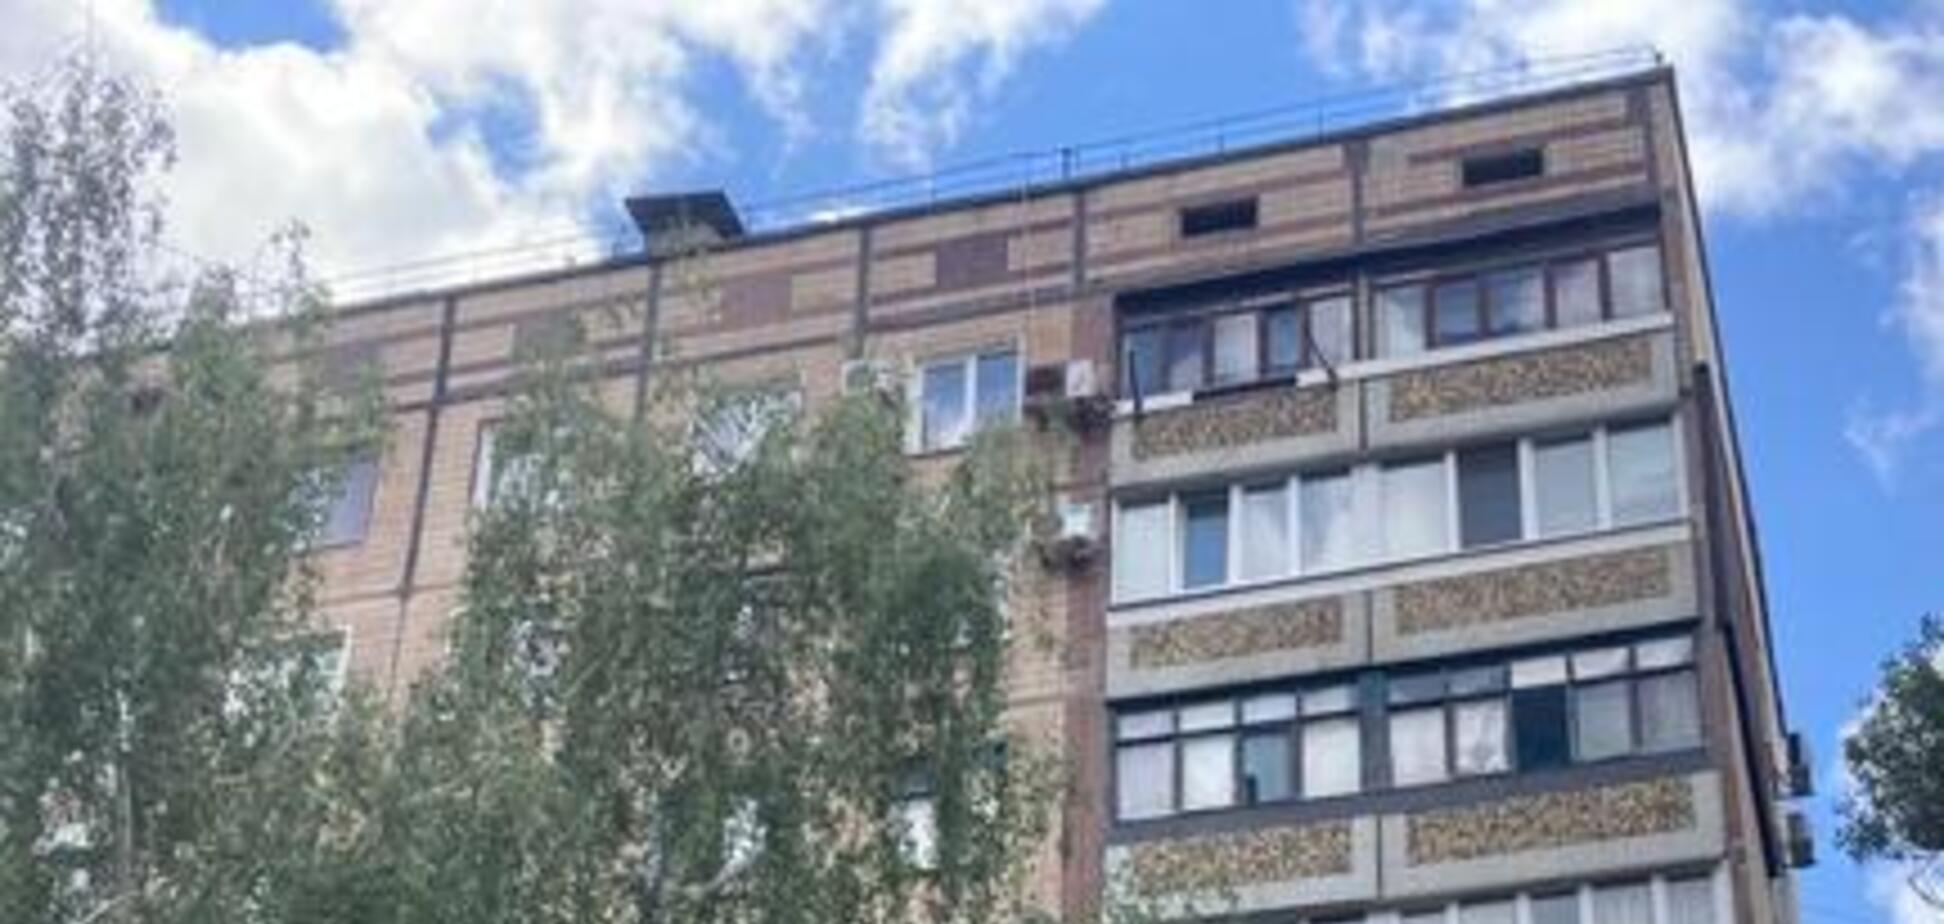 На Дніпропетровщині чоловік вистрибнув з вікна на 7 поверсі. Фото